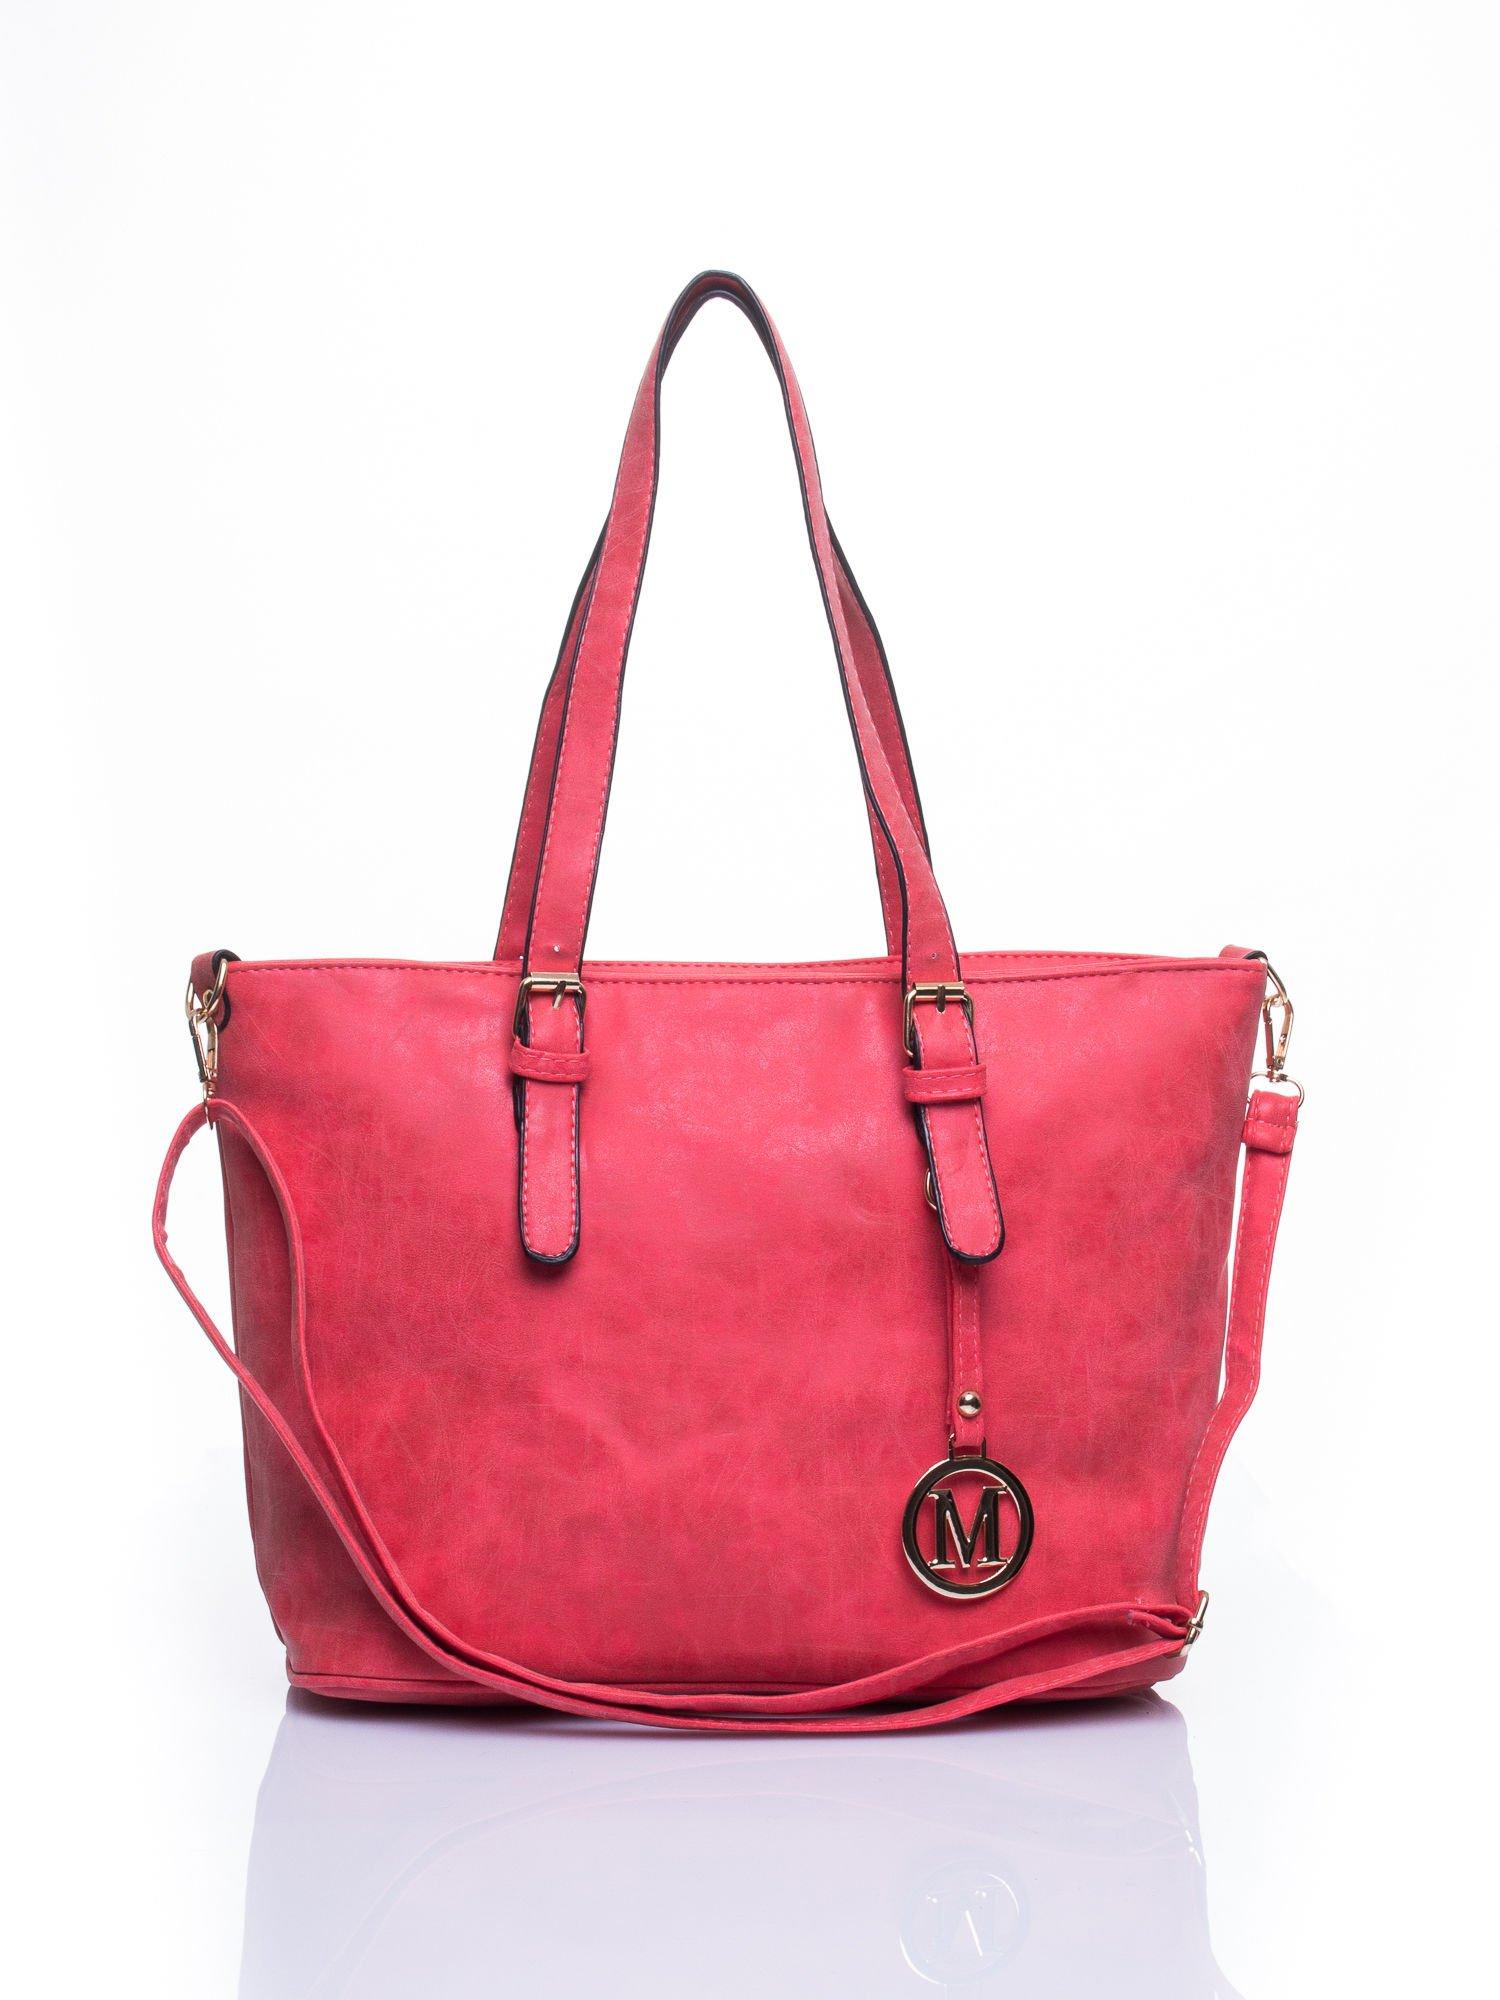 Czerwona torba shopper bag z zawieszką                                  zdj.                                  1